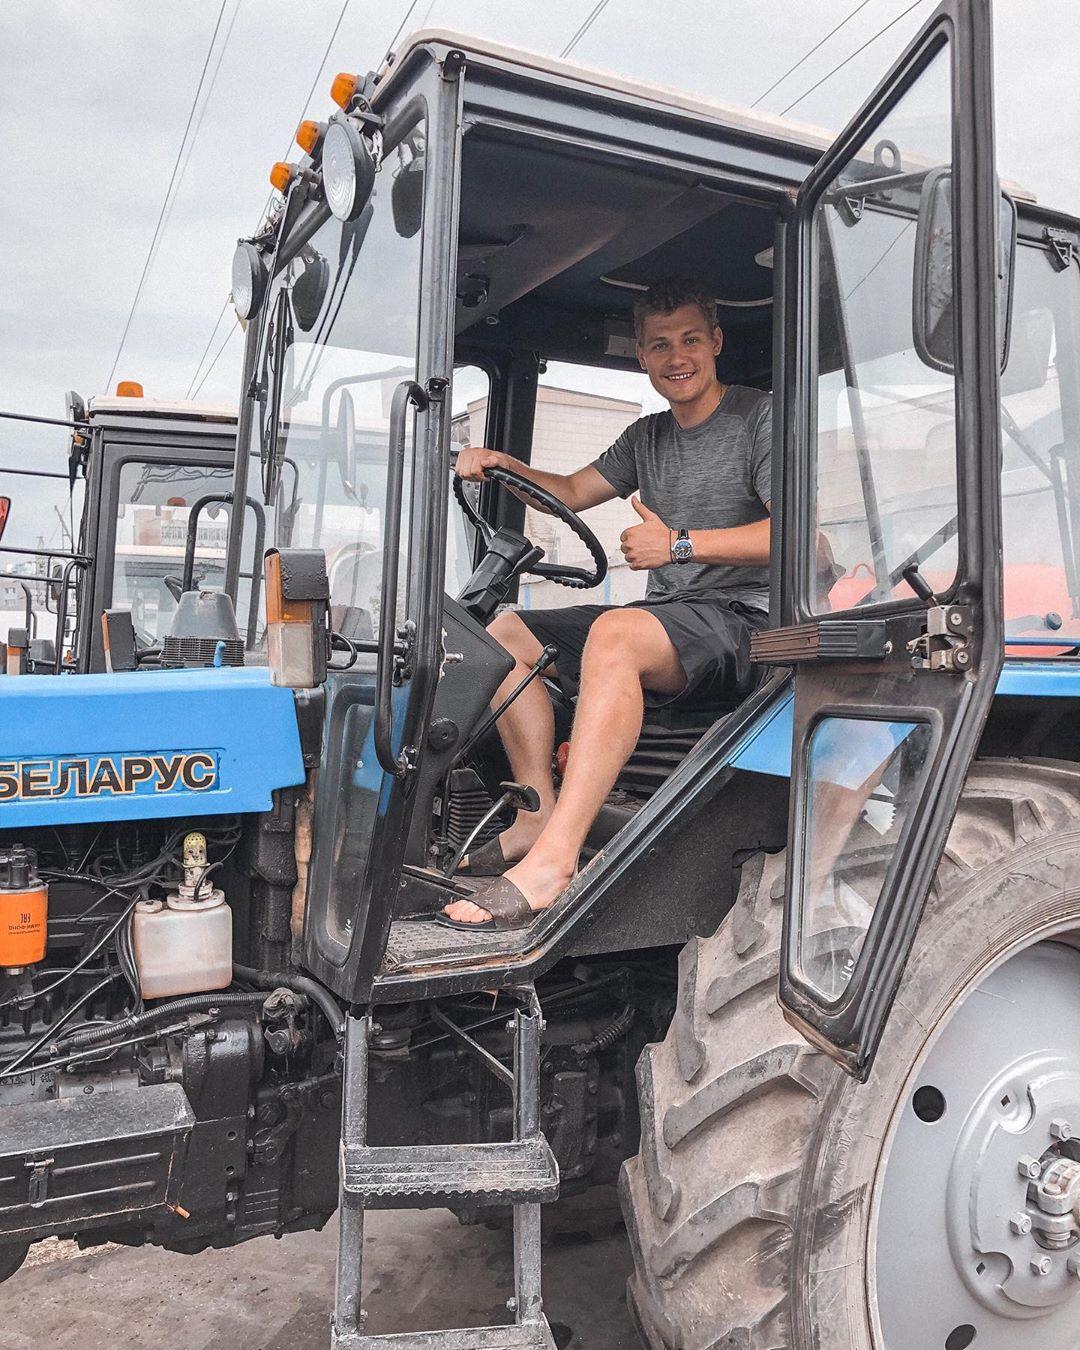 Свадьба, поездка на тракторе и исполнение детской мечты: как отдыхают хоккеисты